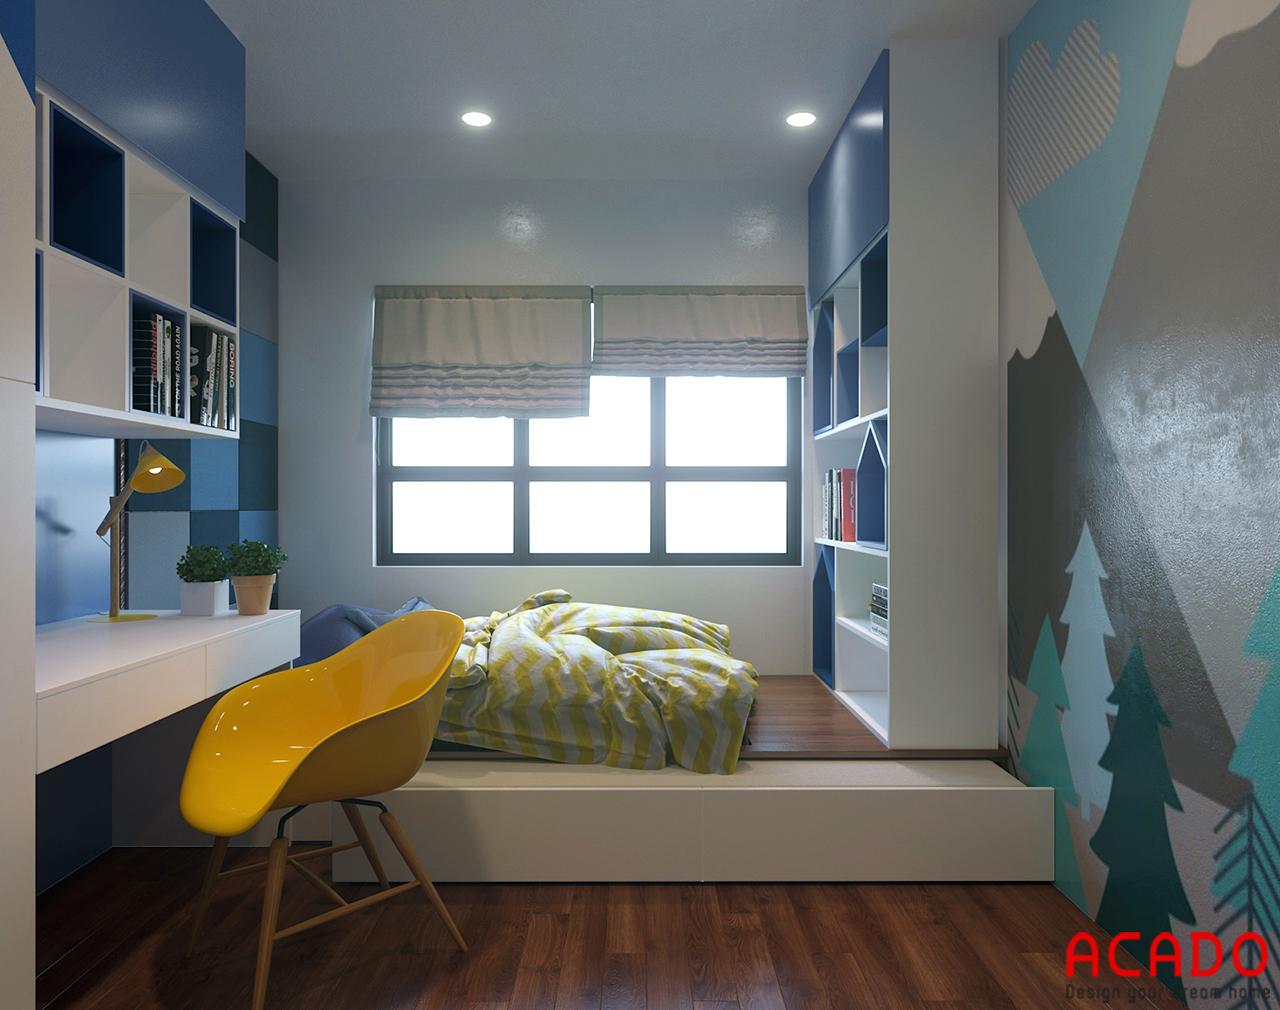 Phòng ngủ thiết kế cho bé - nội thất ACADO